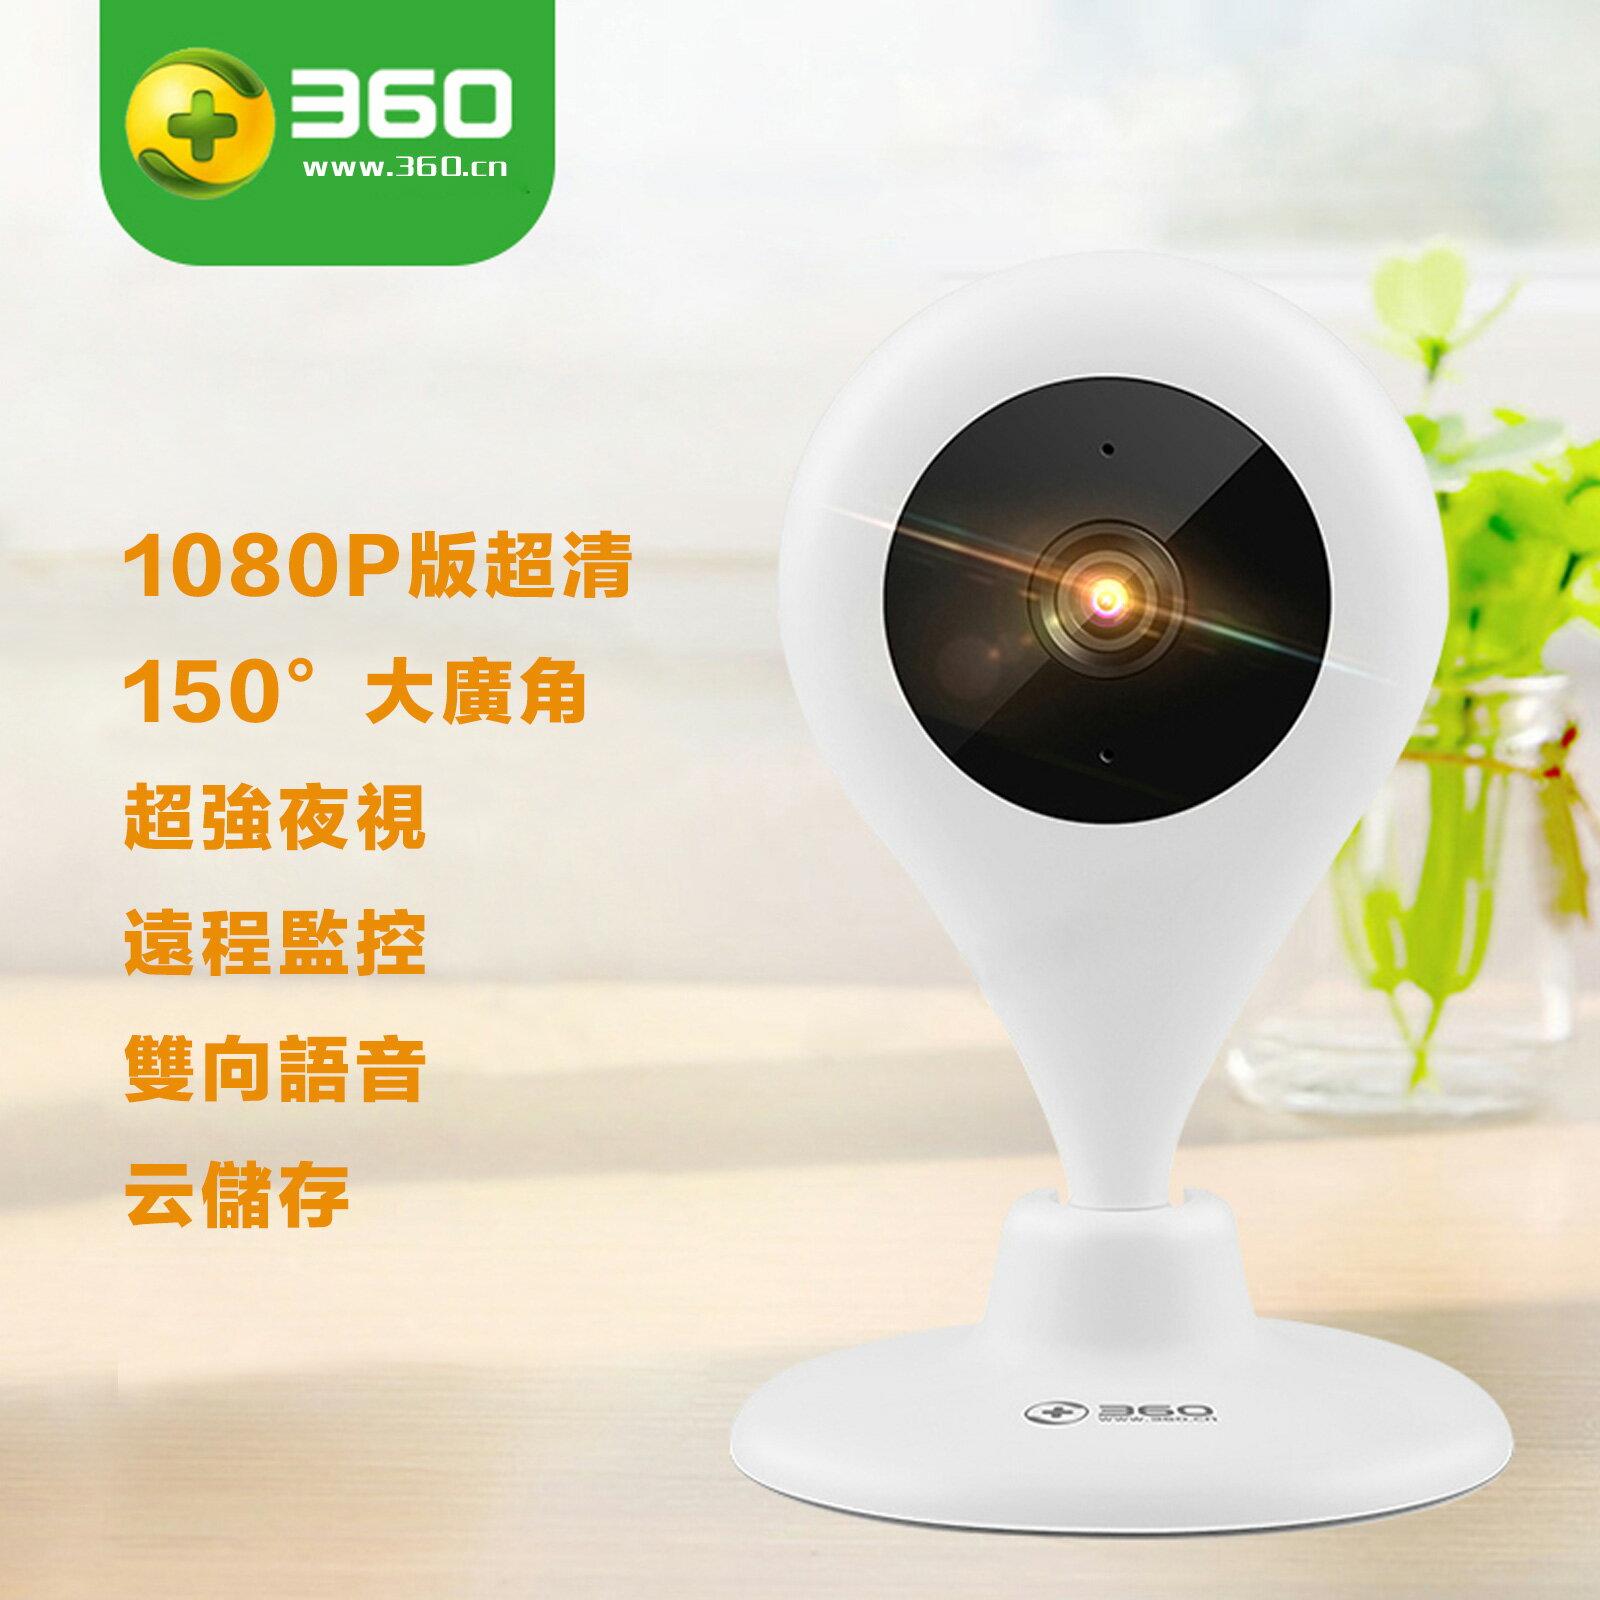 【正品免運】360智能攝影機1080P夜視版監視器攝像機  監控 WiFi 錄影機 高清【O3187】☆雙兒網☆ 0